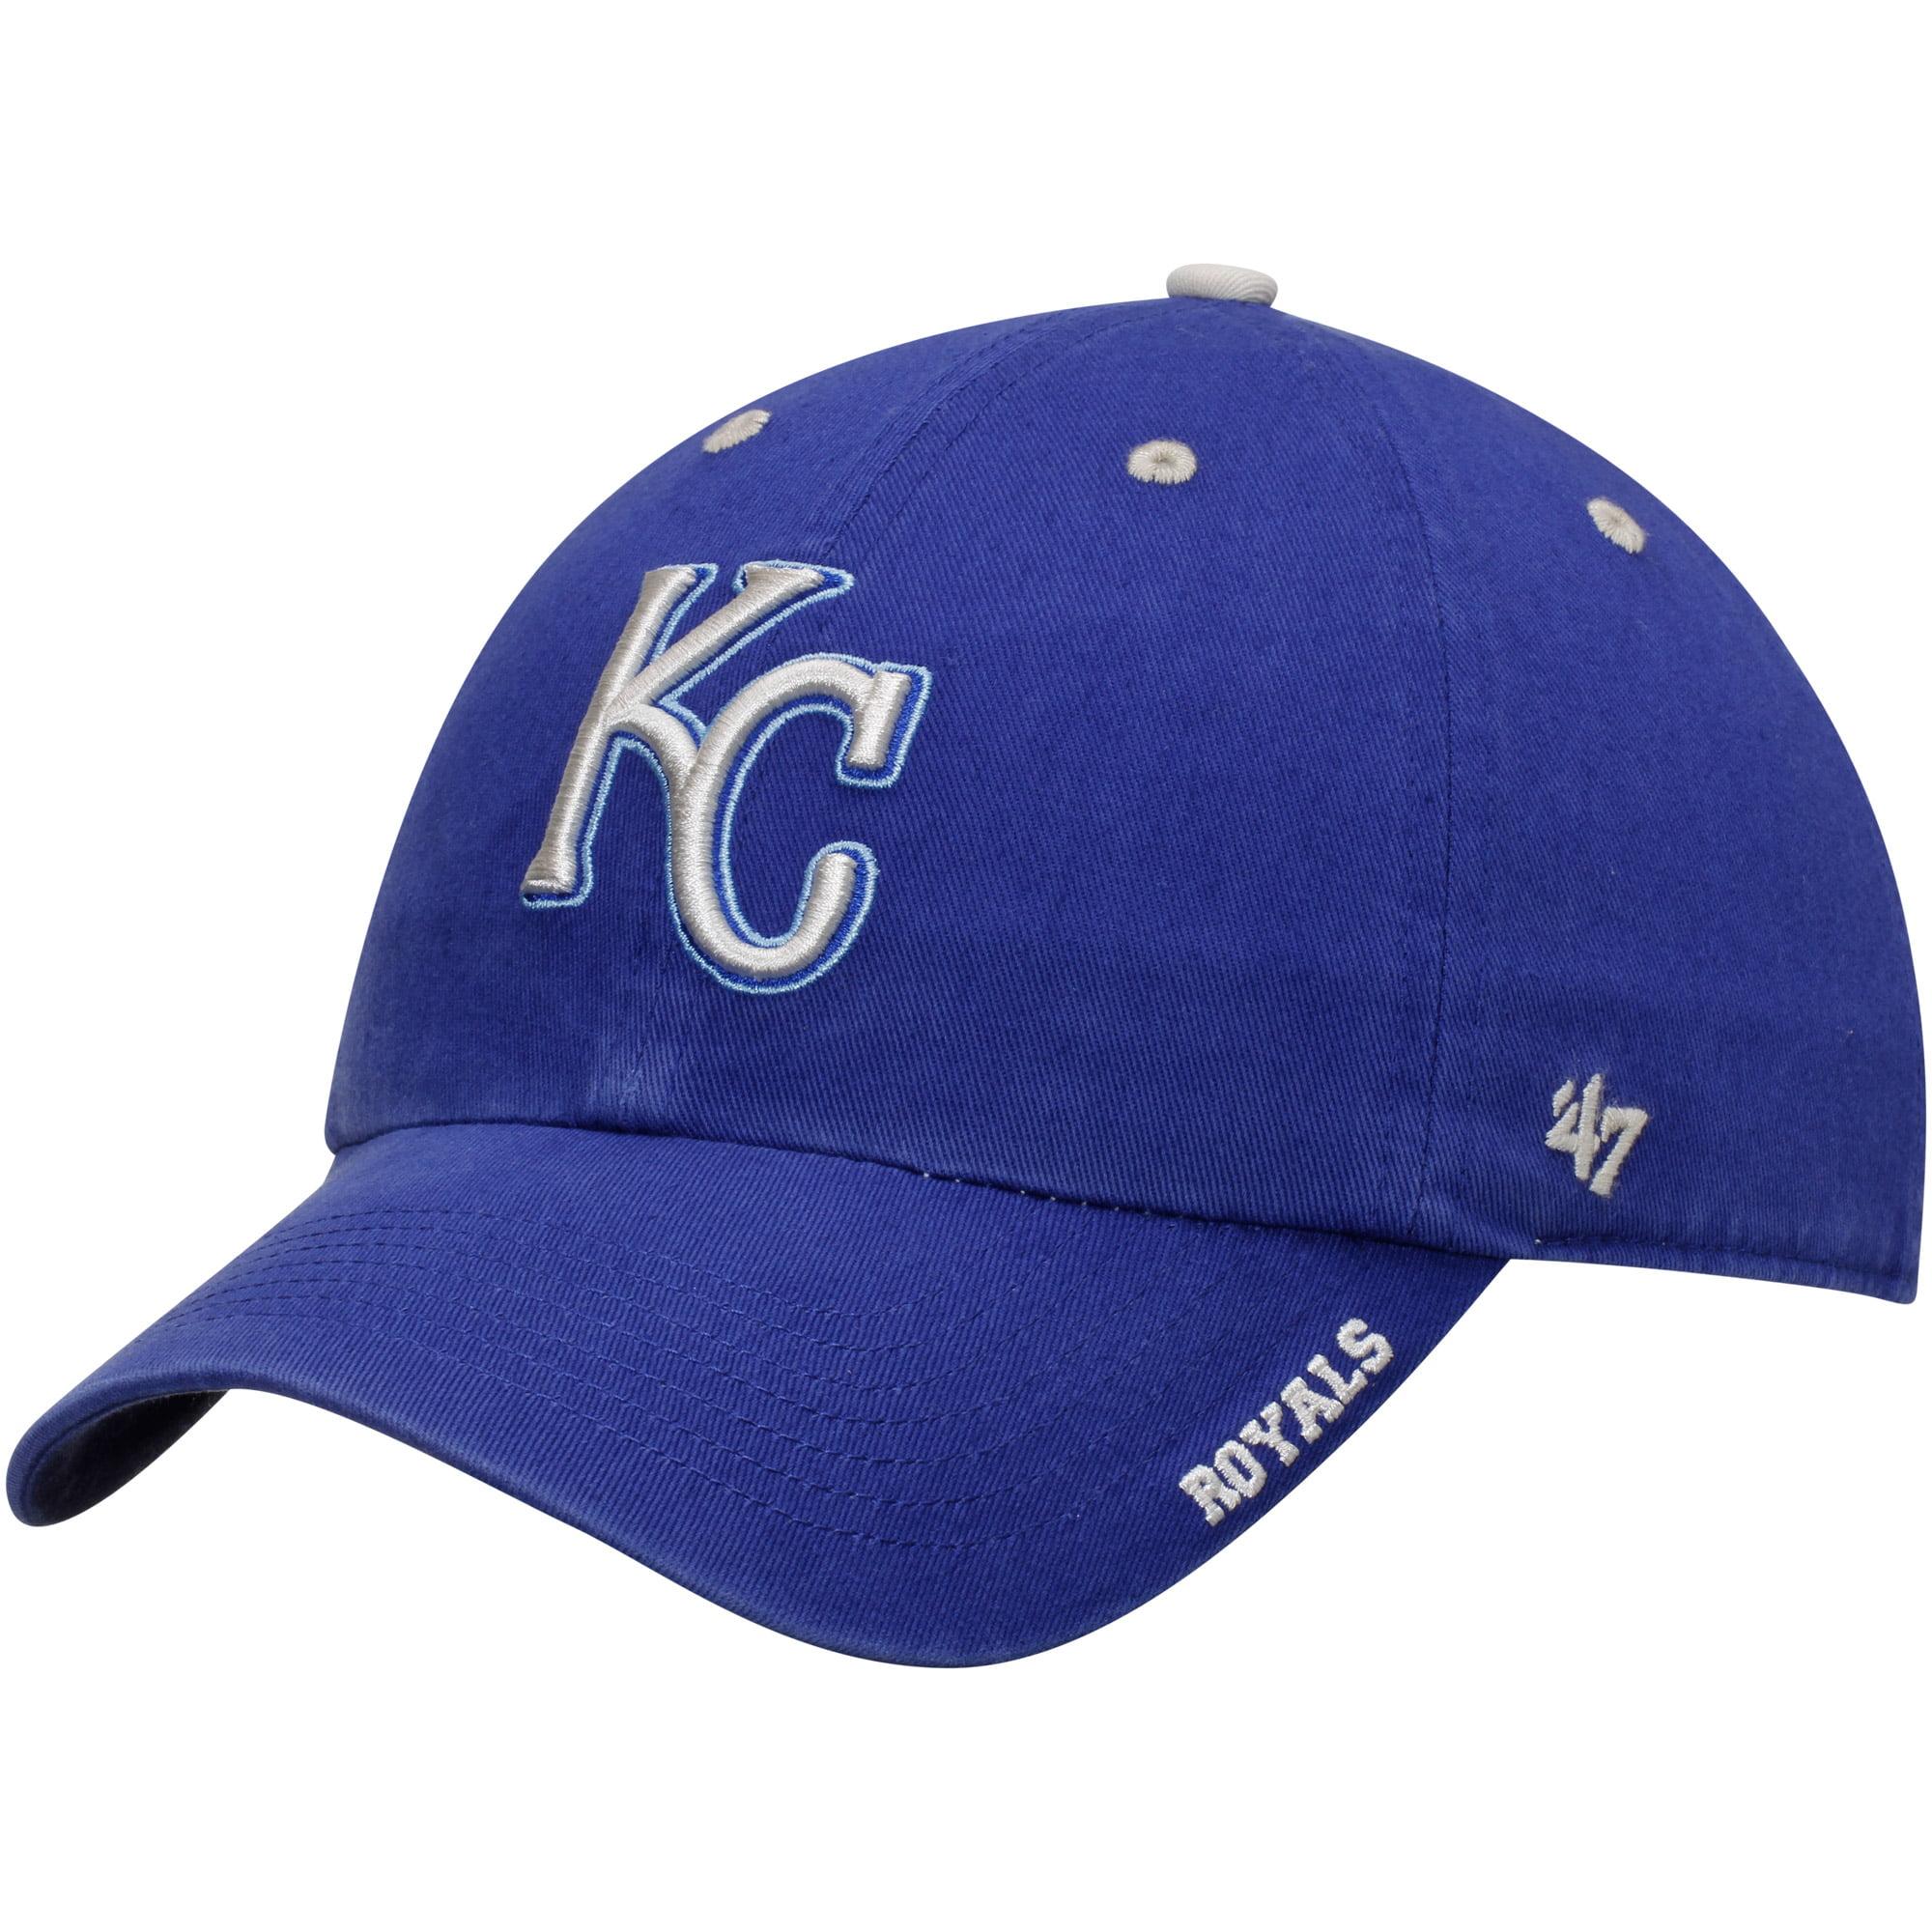 Kansas City Royals '47 Ice Clean Up Adjustable Hat - Royal - OSFA